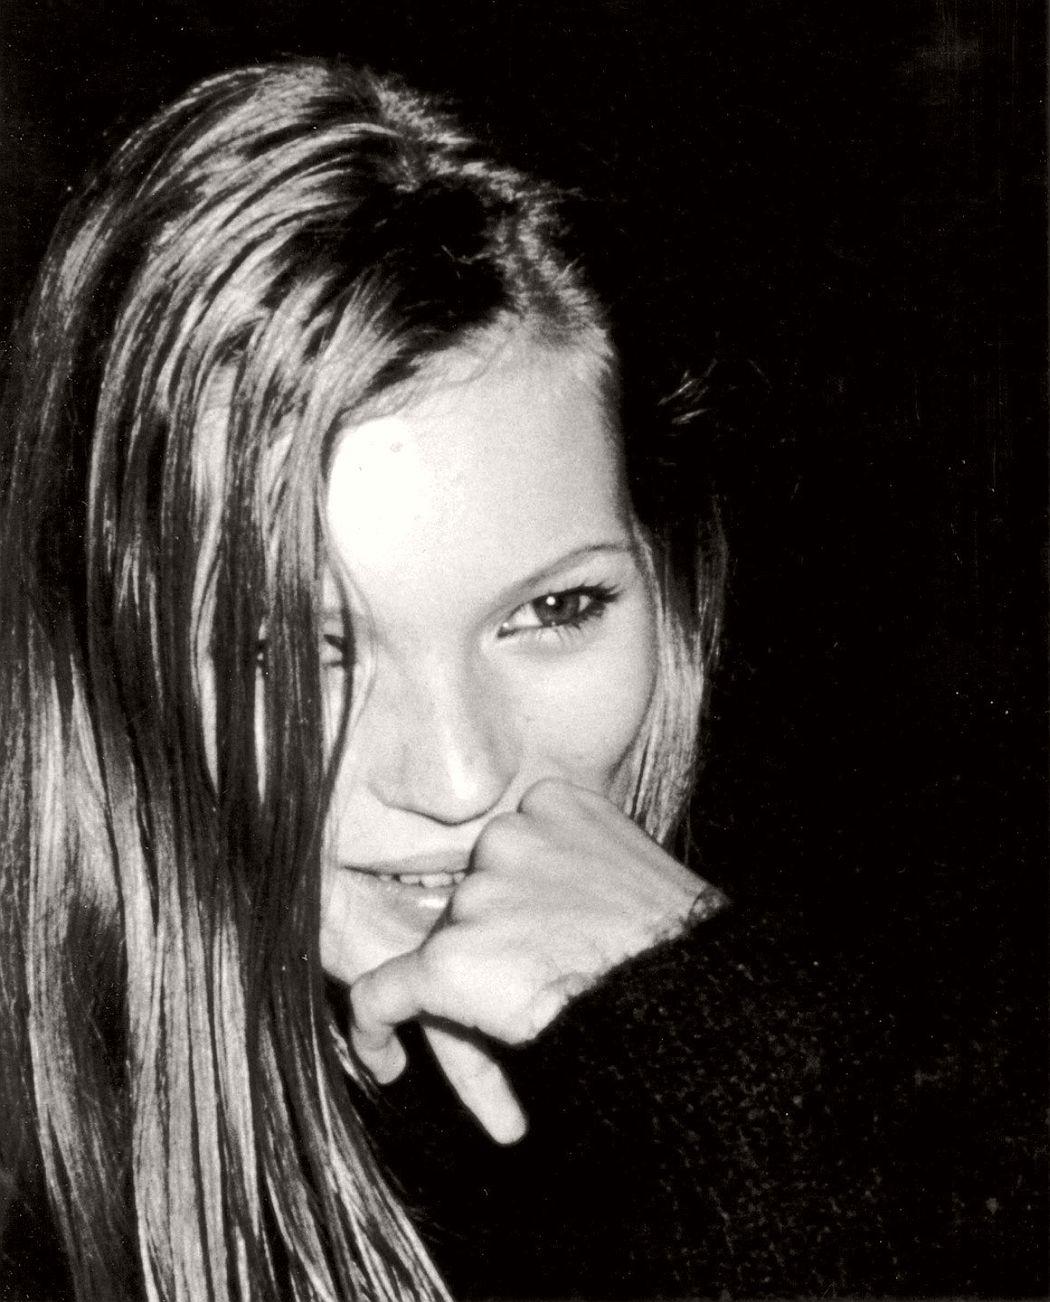 ronald-galella-biography-pioneer-paparazzo-05